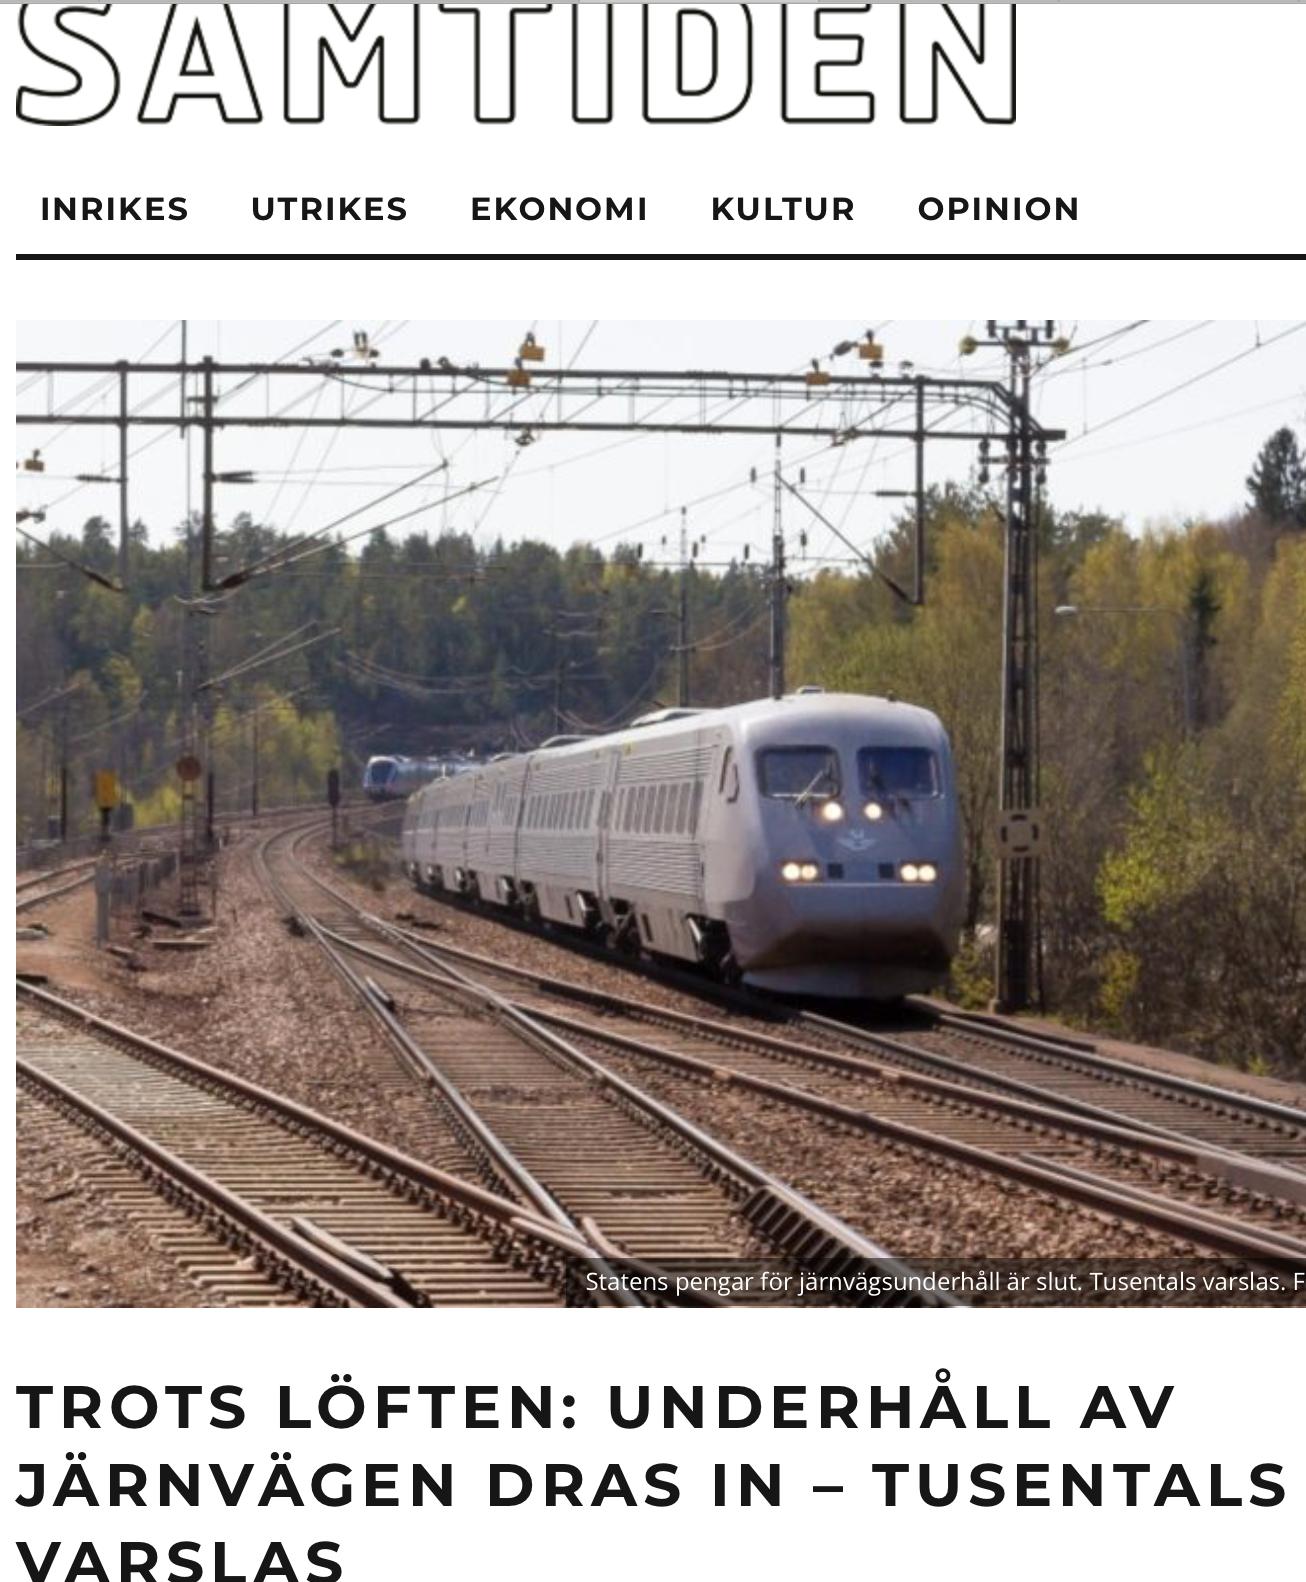 Regeringens pengar till järnvägsunderhåll slut. Samtidigt som man på fullt allvar pratar höghastighetsbanor för 100-tals miljarder.